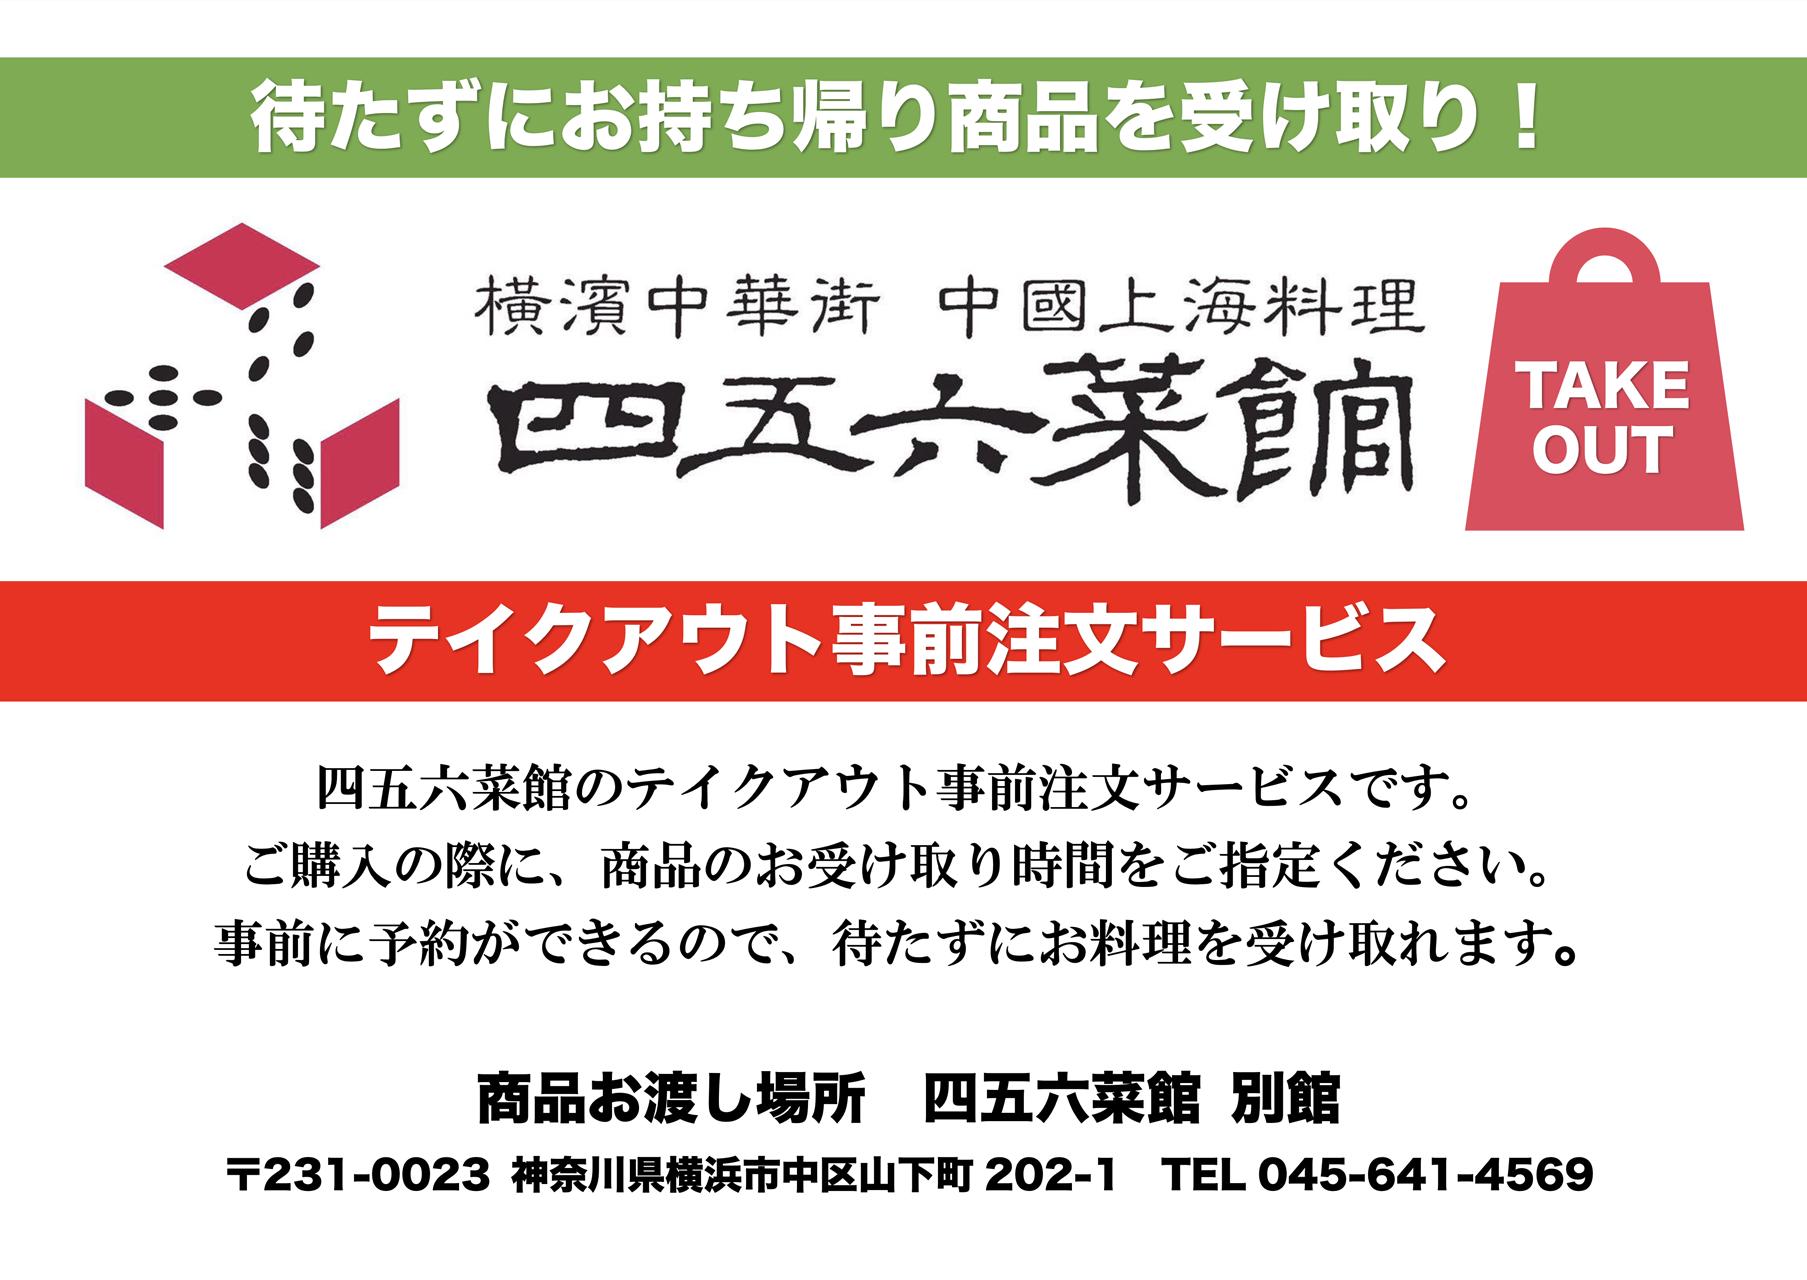 横浜中華街 四五六菜館 テイクアウ事前注文サービス